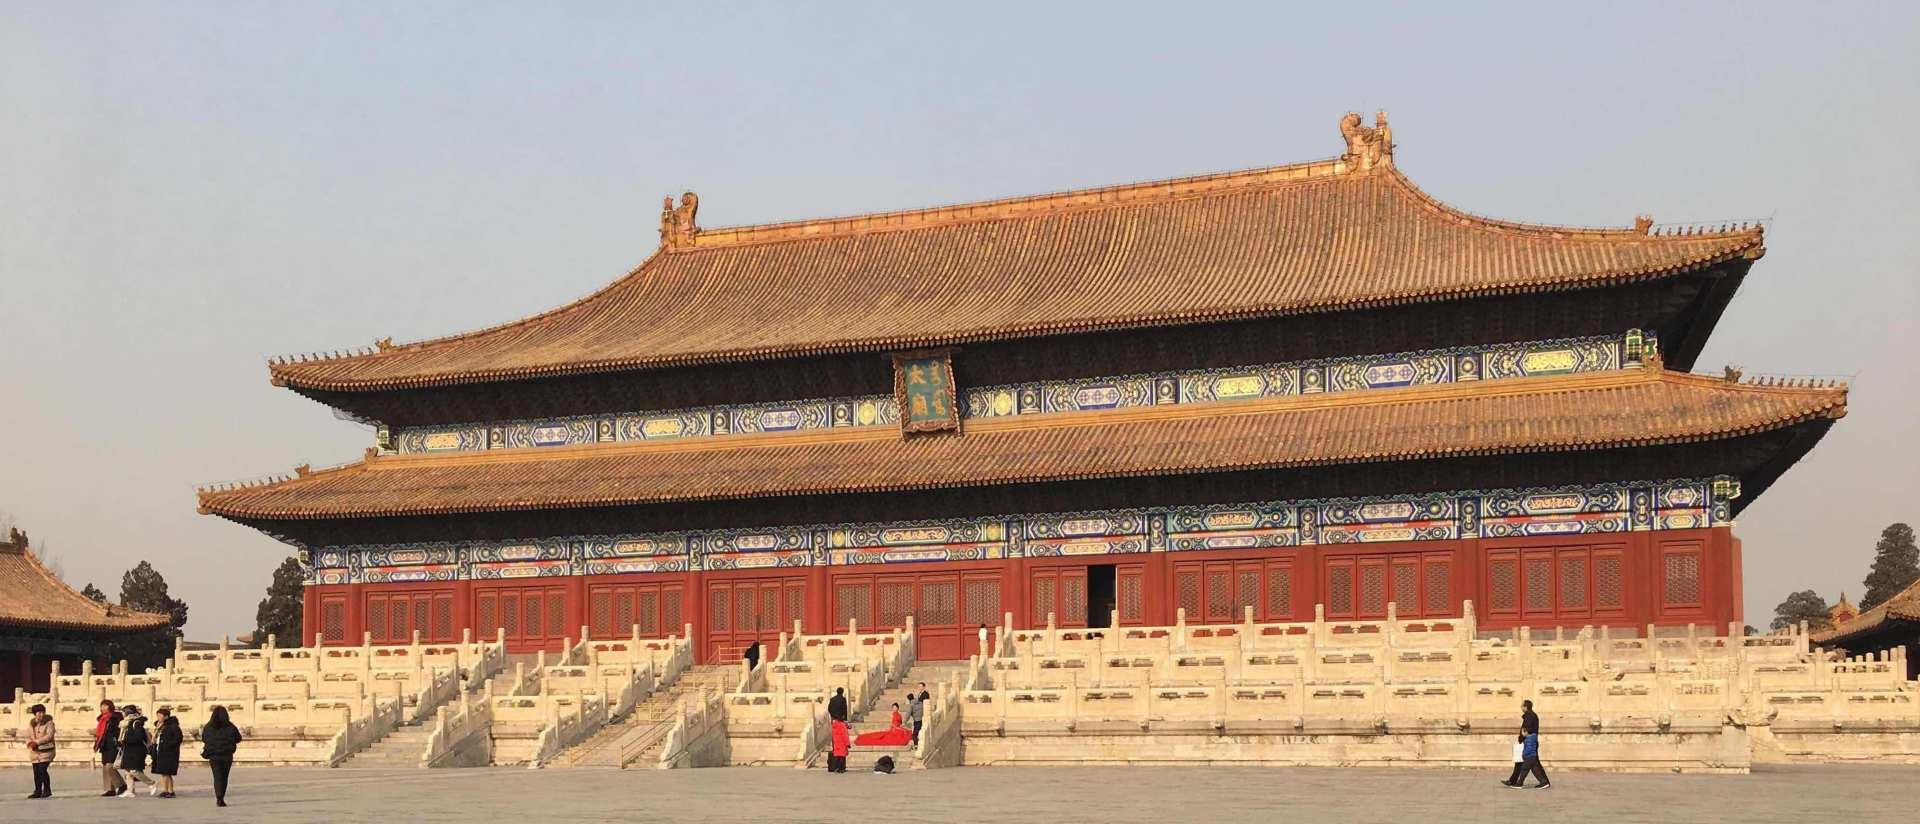 【訪北京必到景點】故宮深度半日遊 / 一日遊